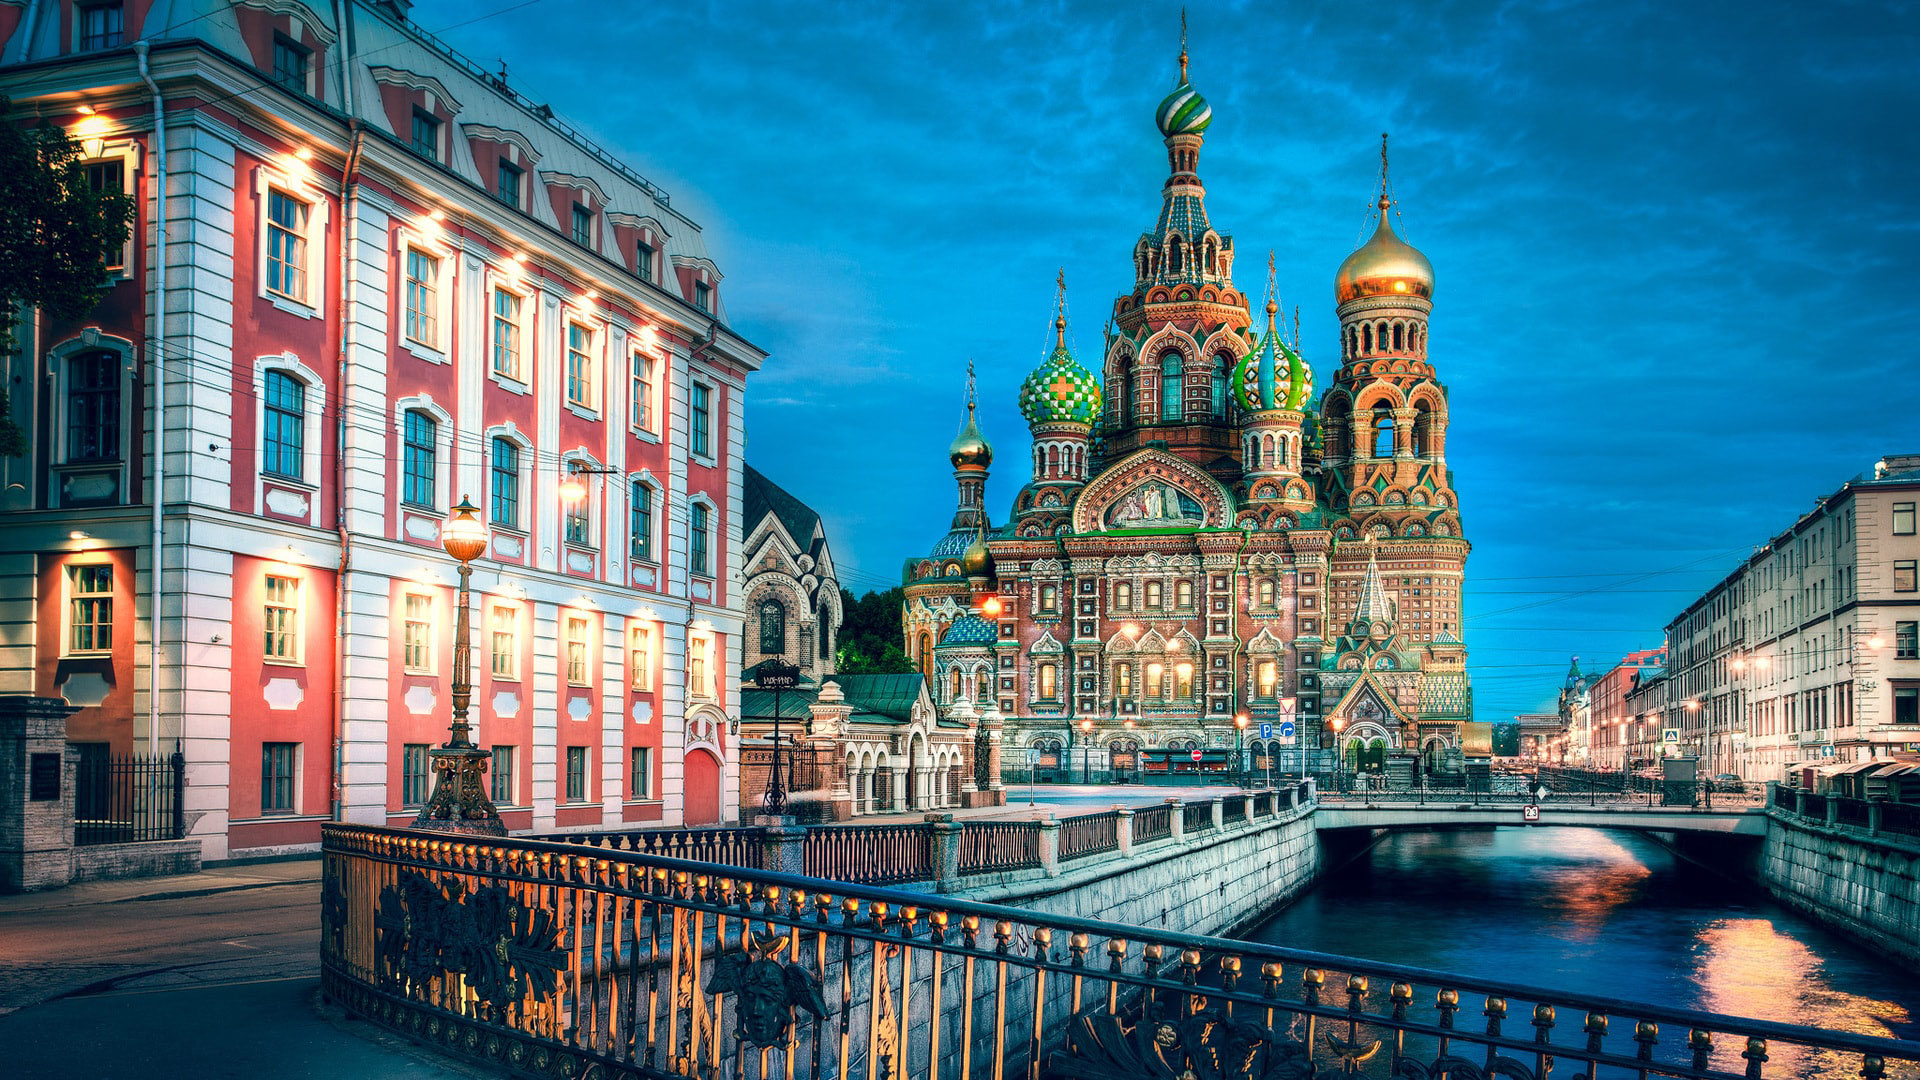 Μόσχα / Αγ. Πετρούπολη - Χριστούγεννα